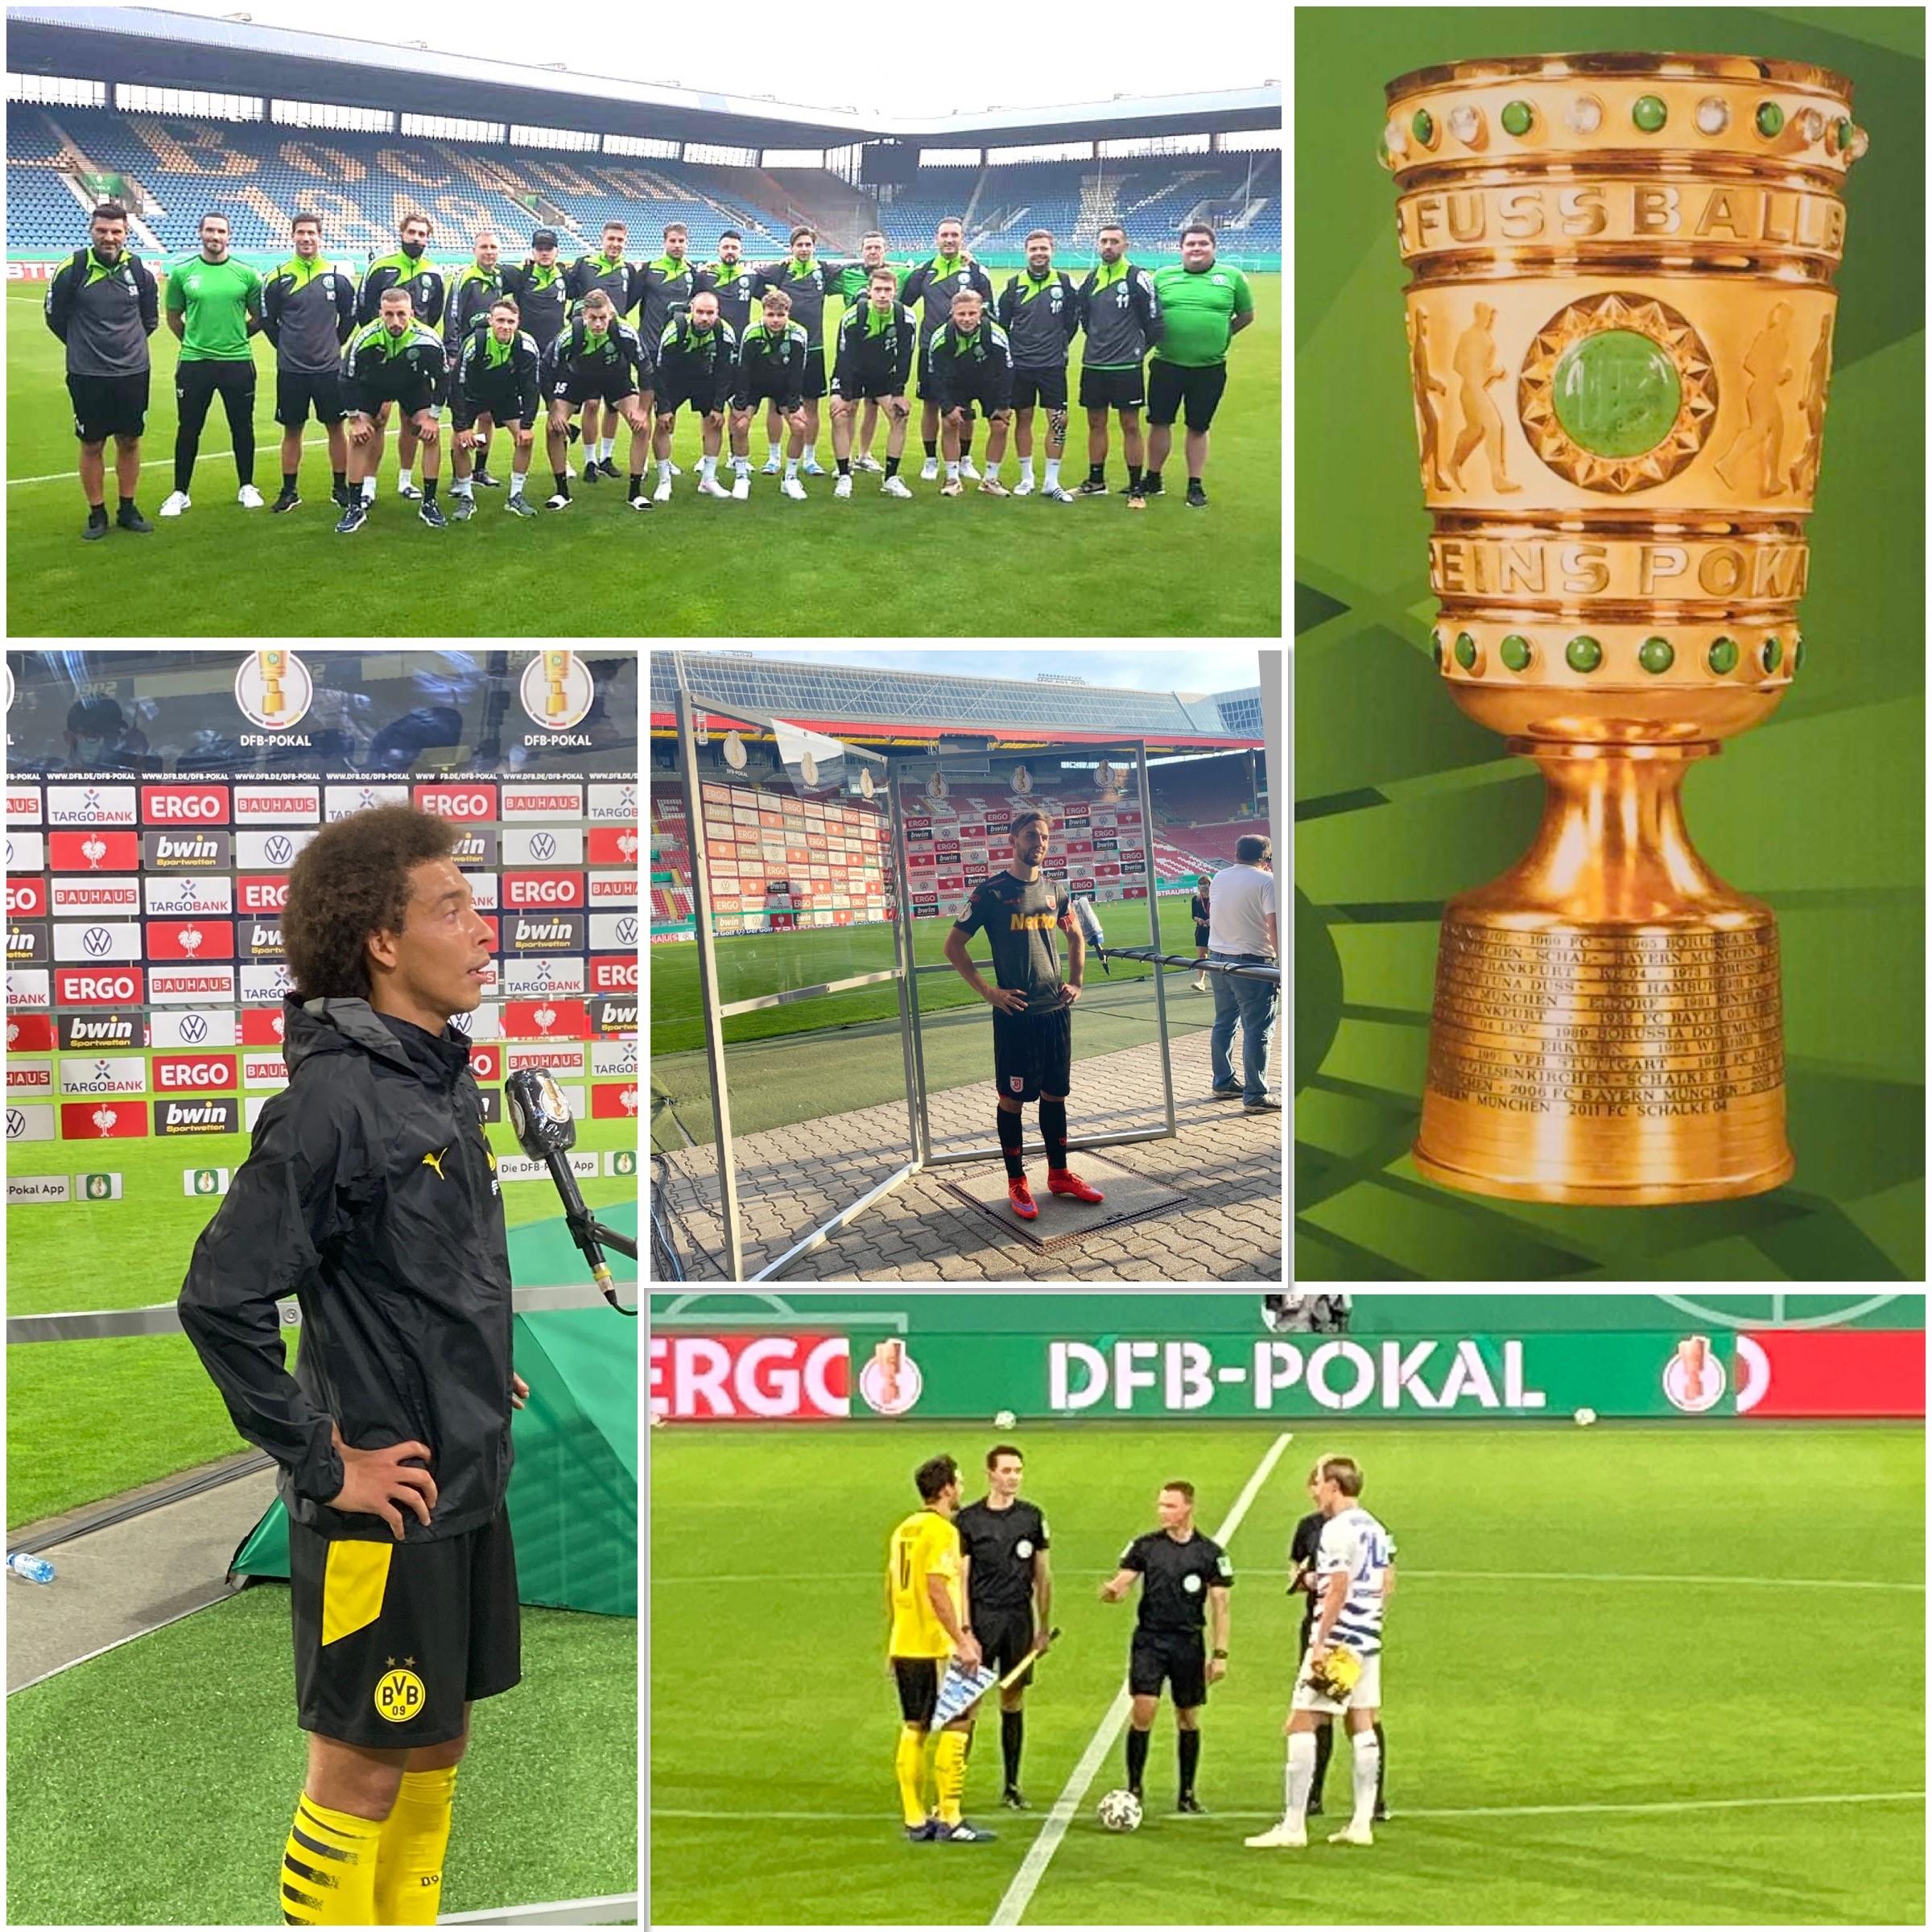 DFB Pokal mit Zuschauern